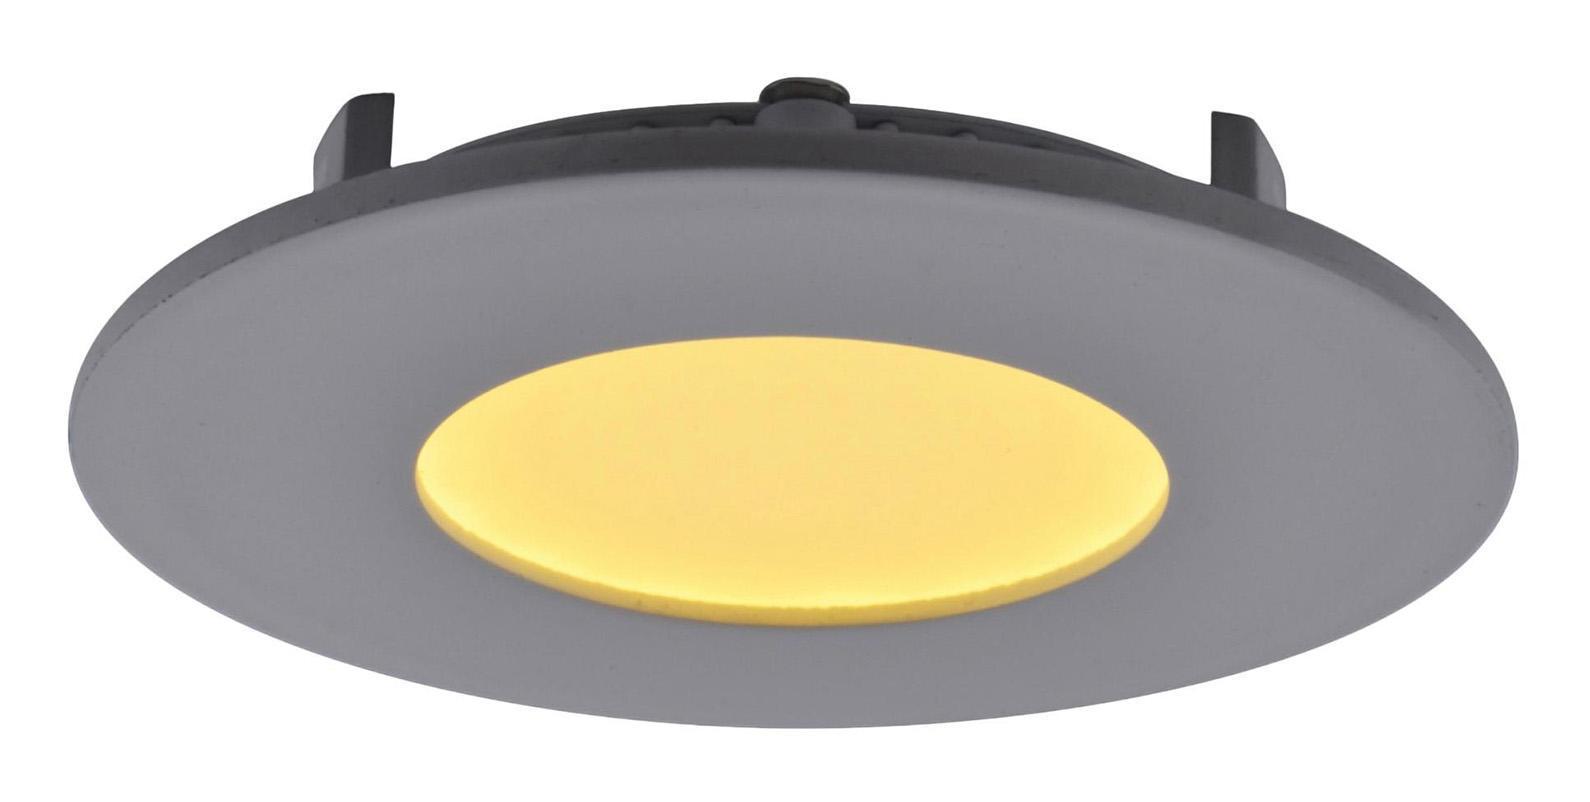 Светильник встраиваемый Arte lamp A2603pl-1wh arte lamp встраиваемый светодиодный светильник arte lamp cardani a1212pl 1wh